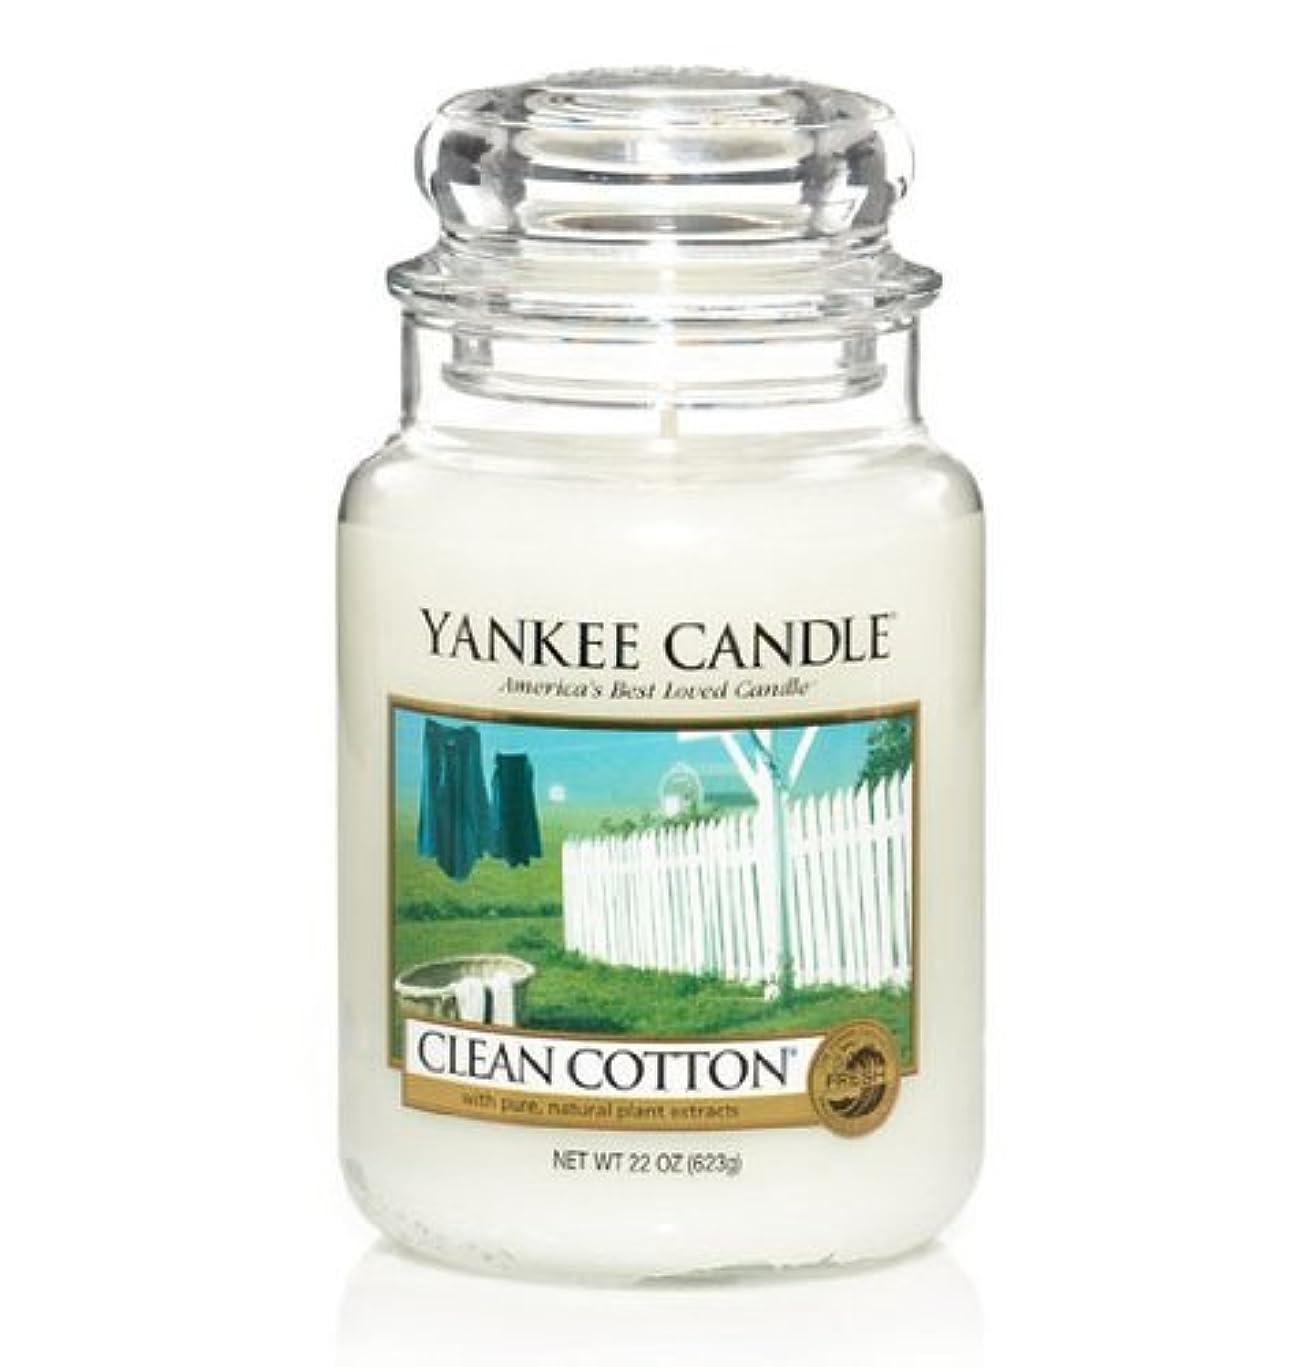 きょうだい扱う静けさYankee Candle Clean Cotton Large Jar 22oz Candle [並行輸入品]